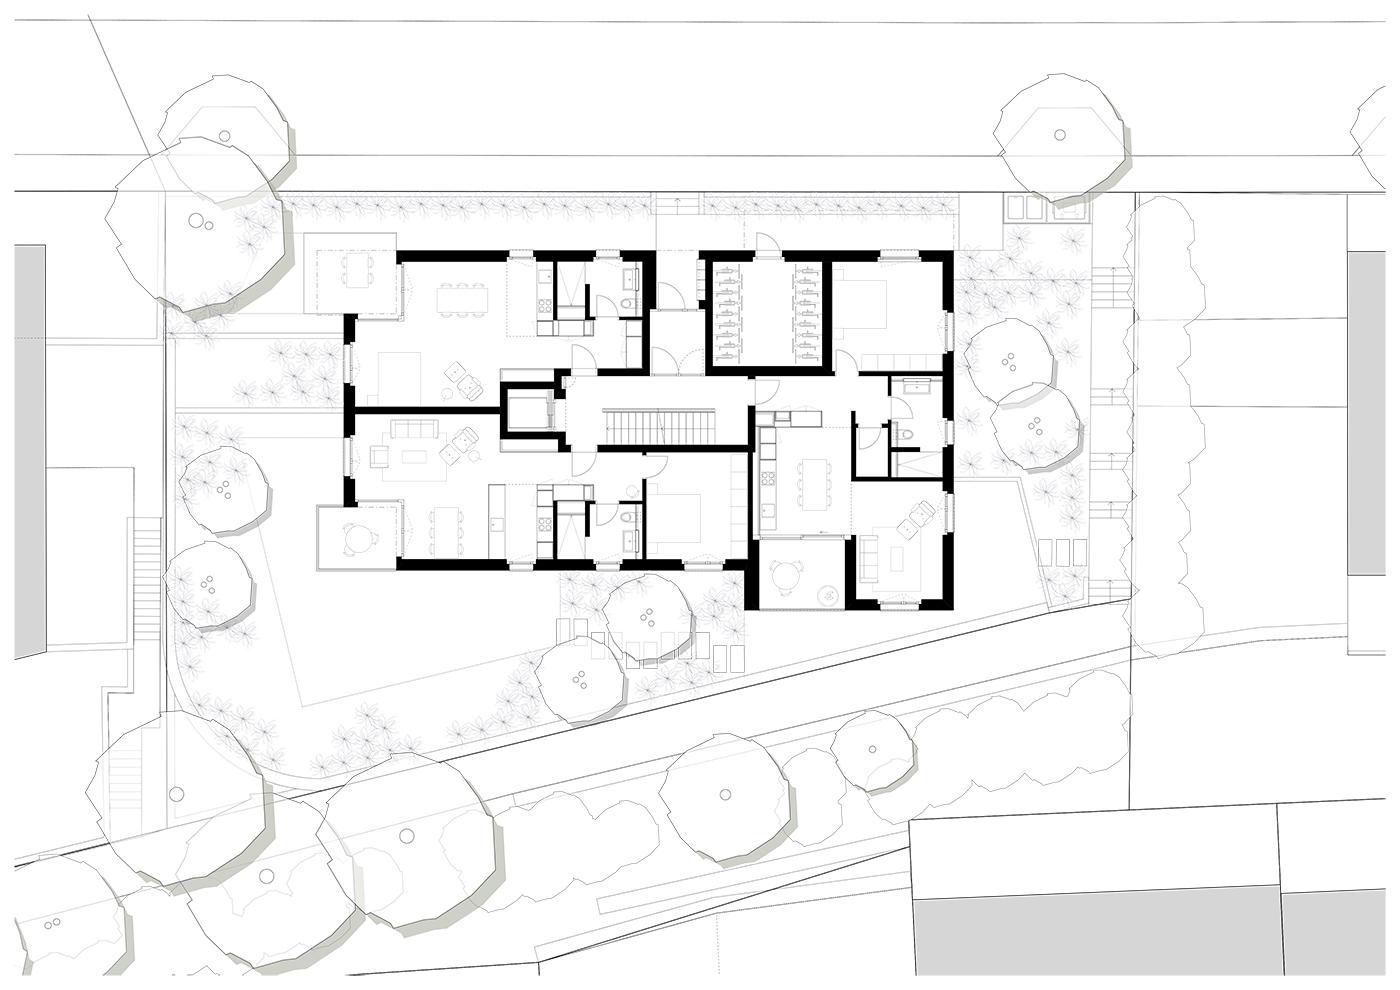 buan architekten – Neubau Wohnhaus Fluhmattstrasse Luzern – Grundriss Erdgeschoss